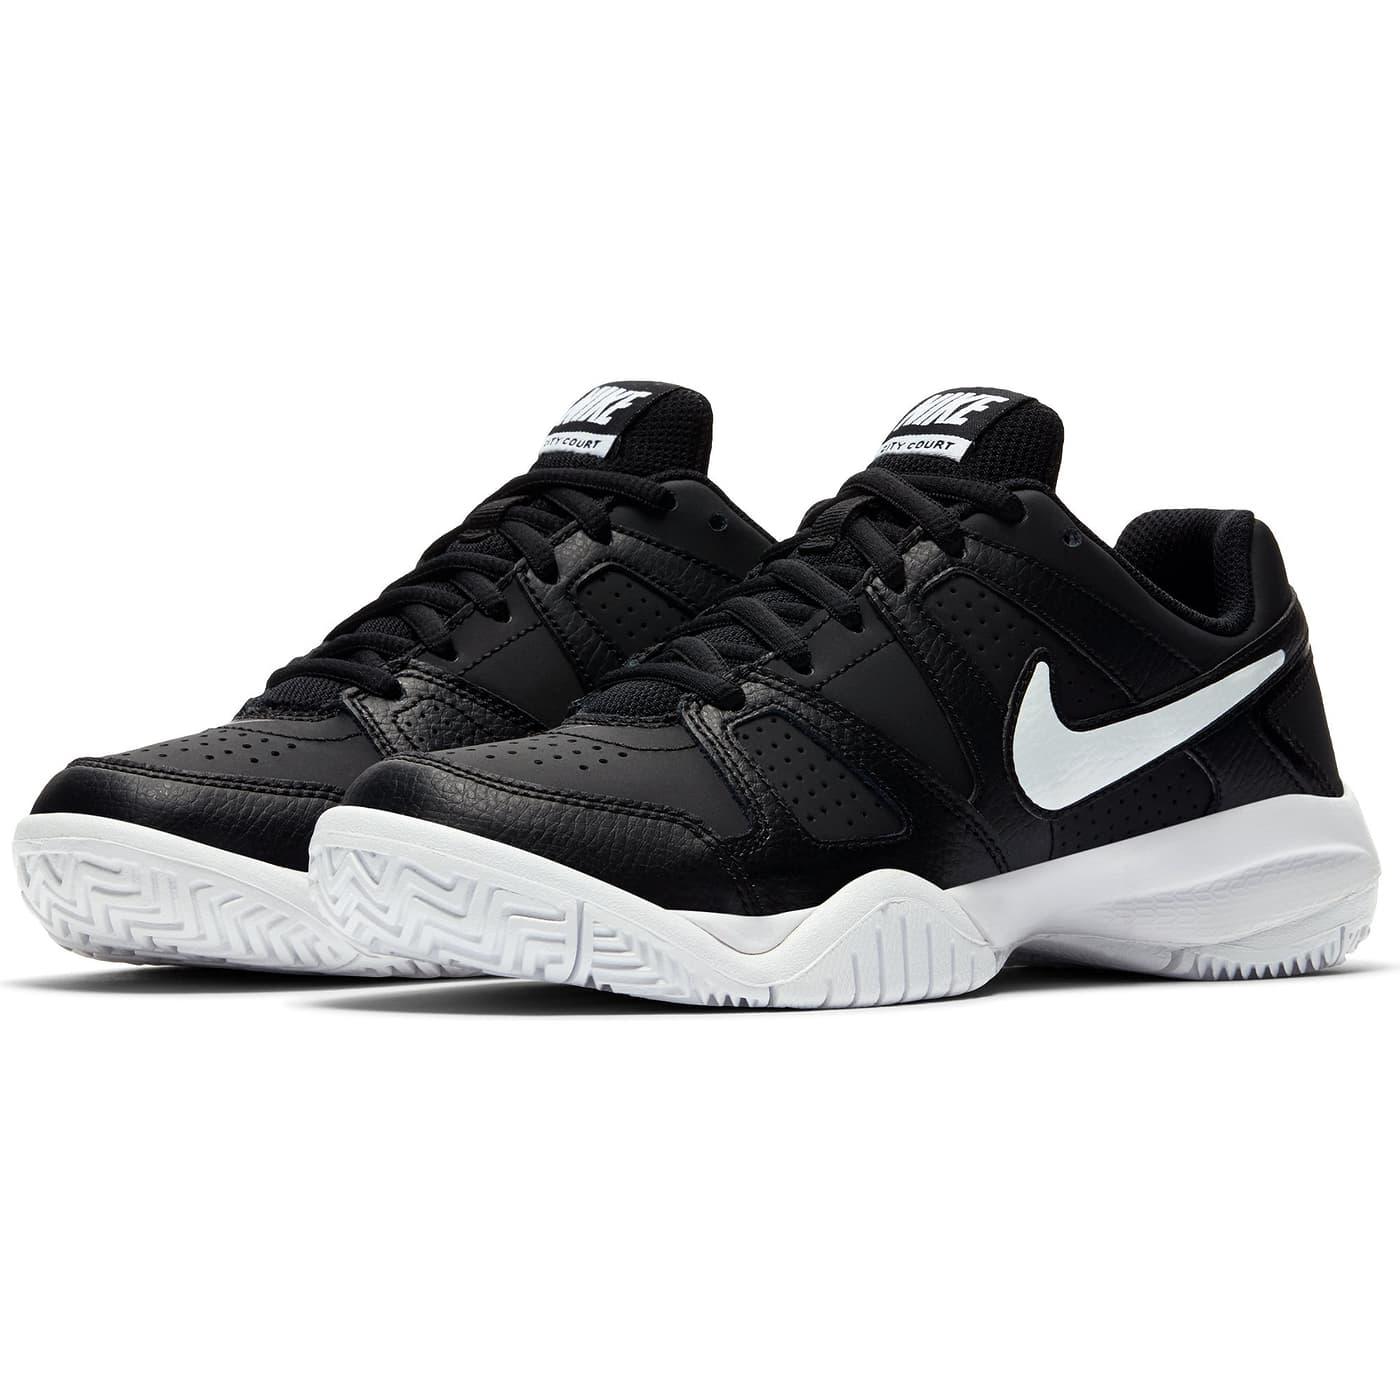 Enfant Migros City Nike Tennis Pour Court Chaussures 7 De xOx40Hq68